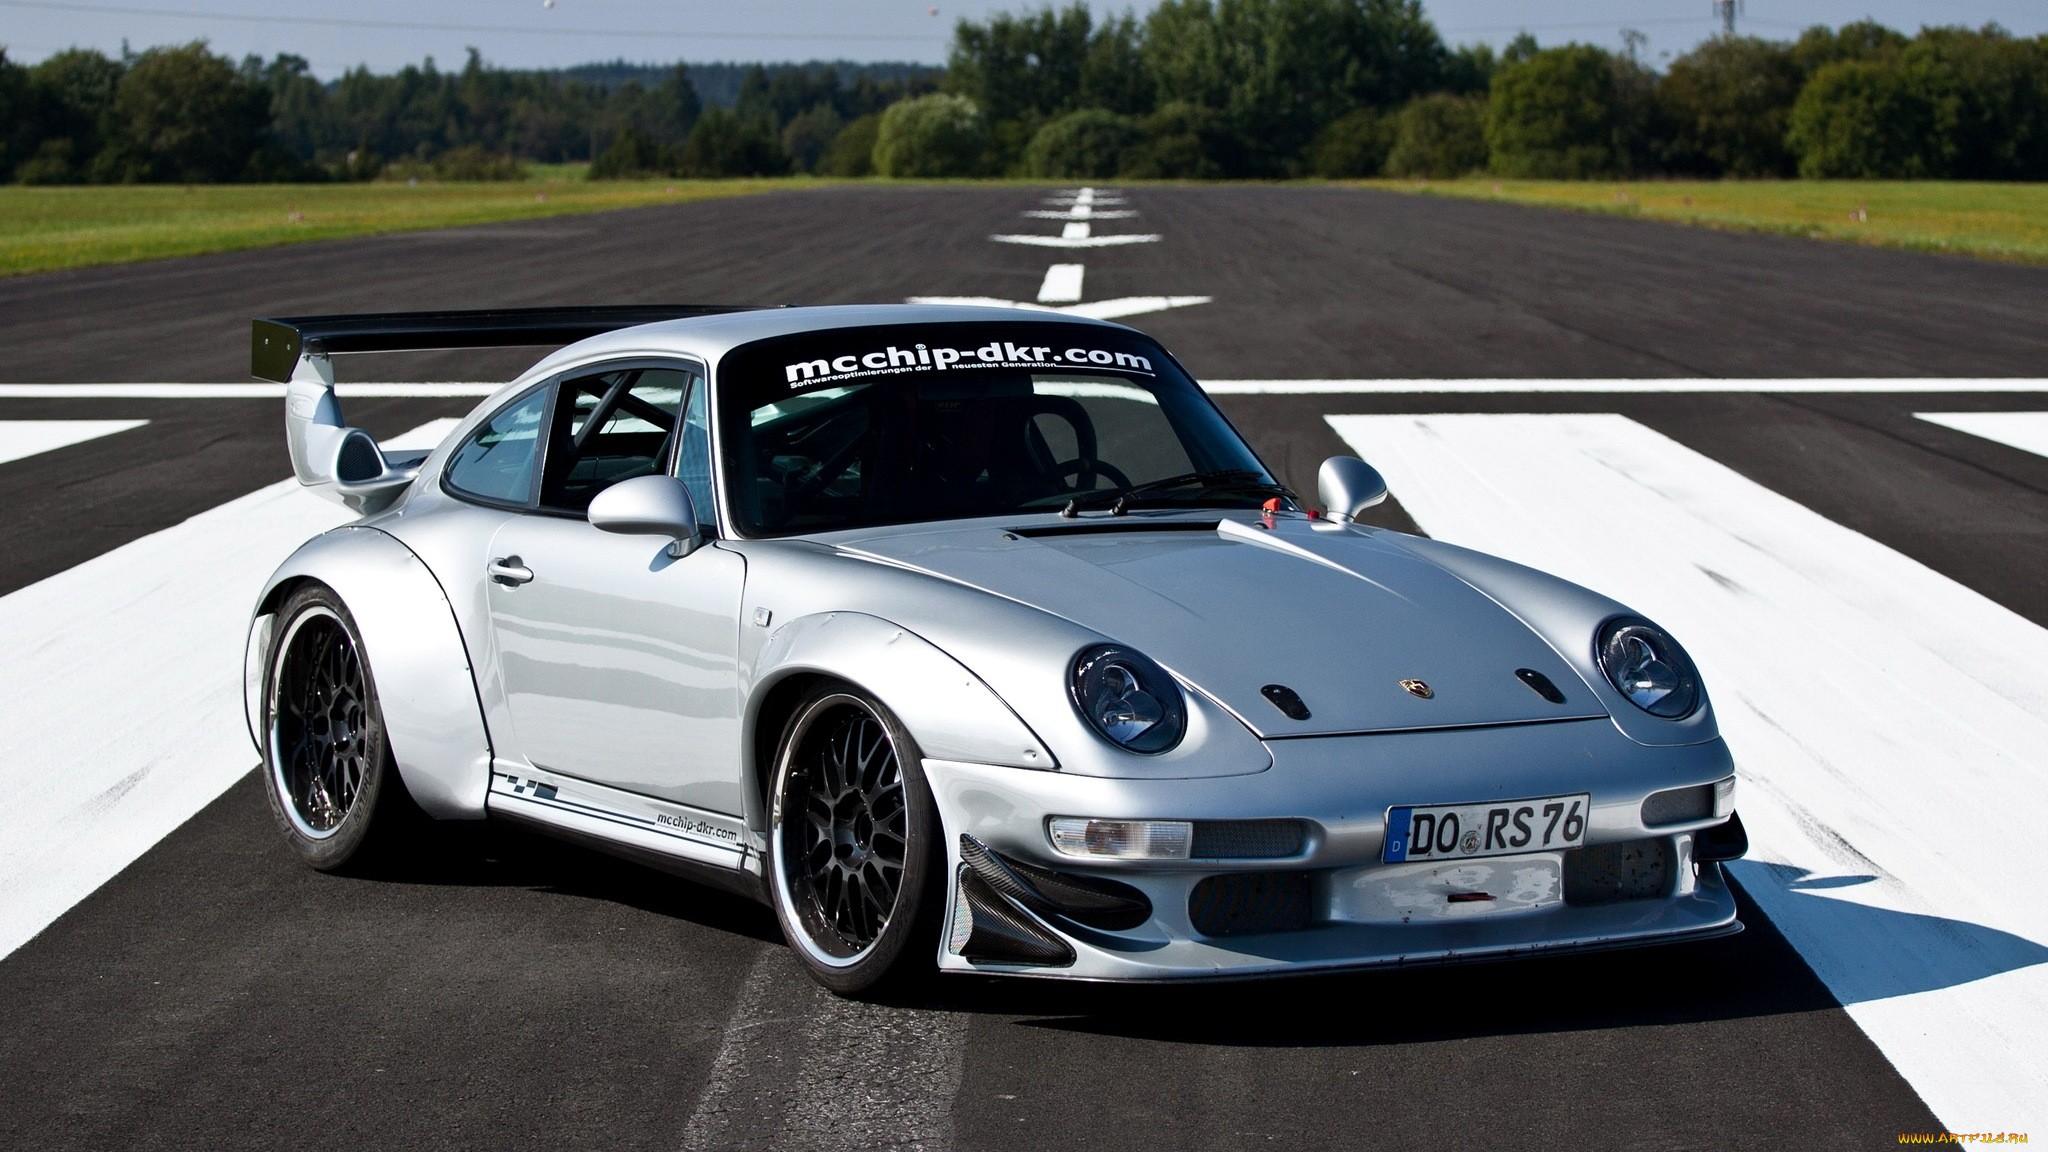 Porsche 911 Carrera Supercar Silver Tuning Wallpaper